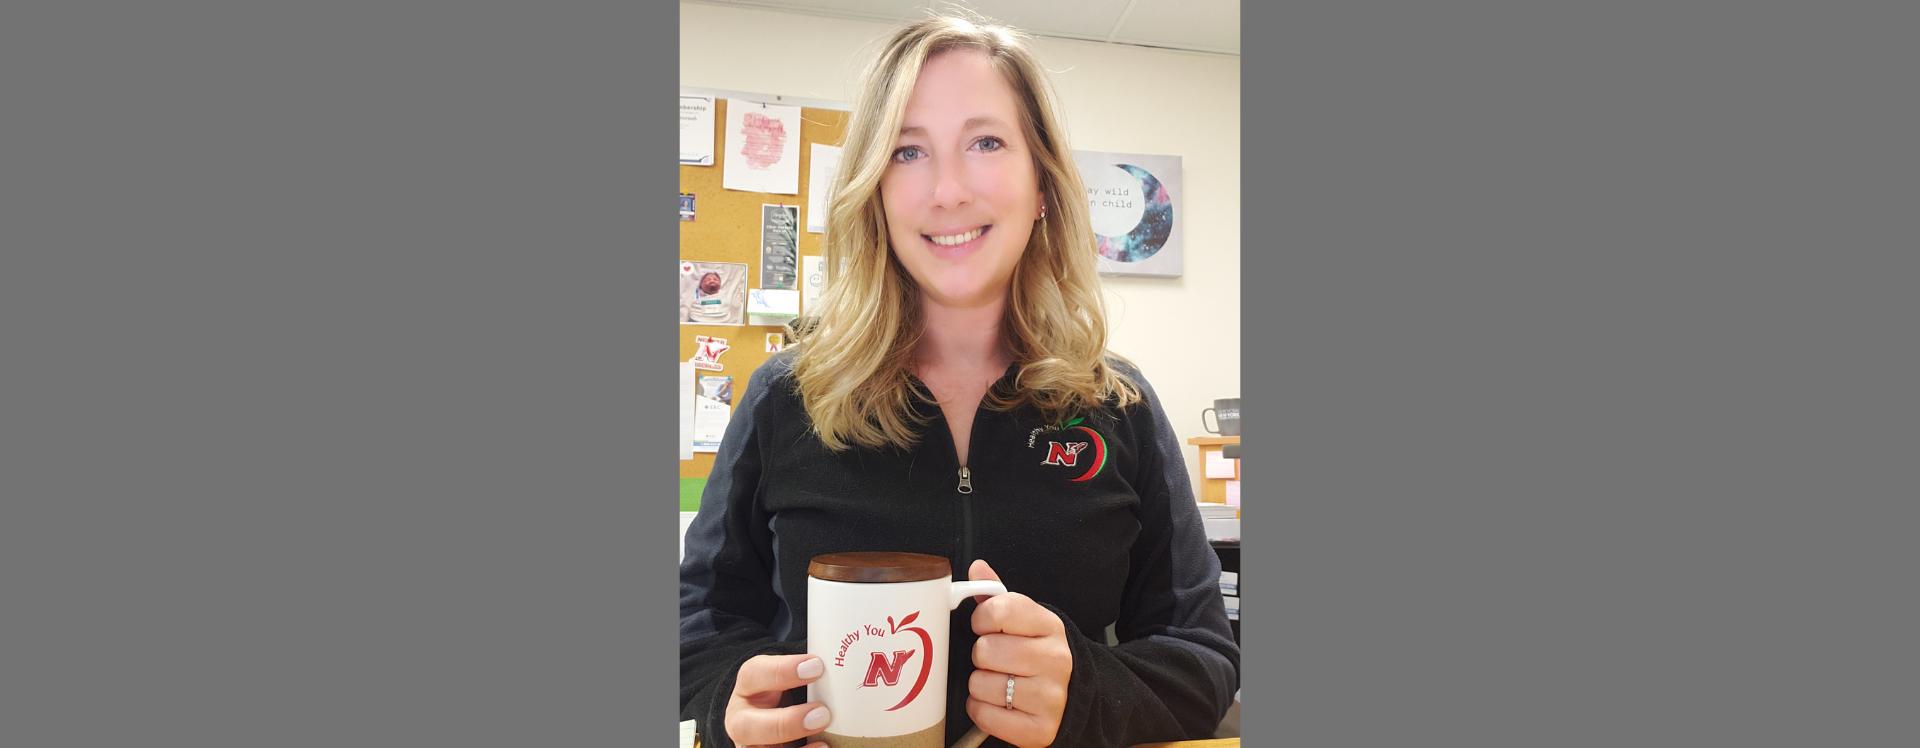 Jessica Lehman in Neenah School District spiritware